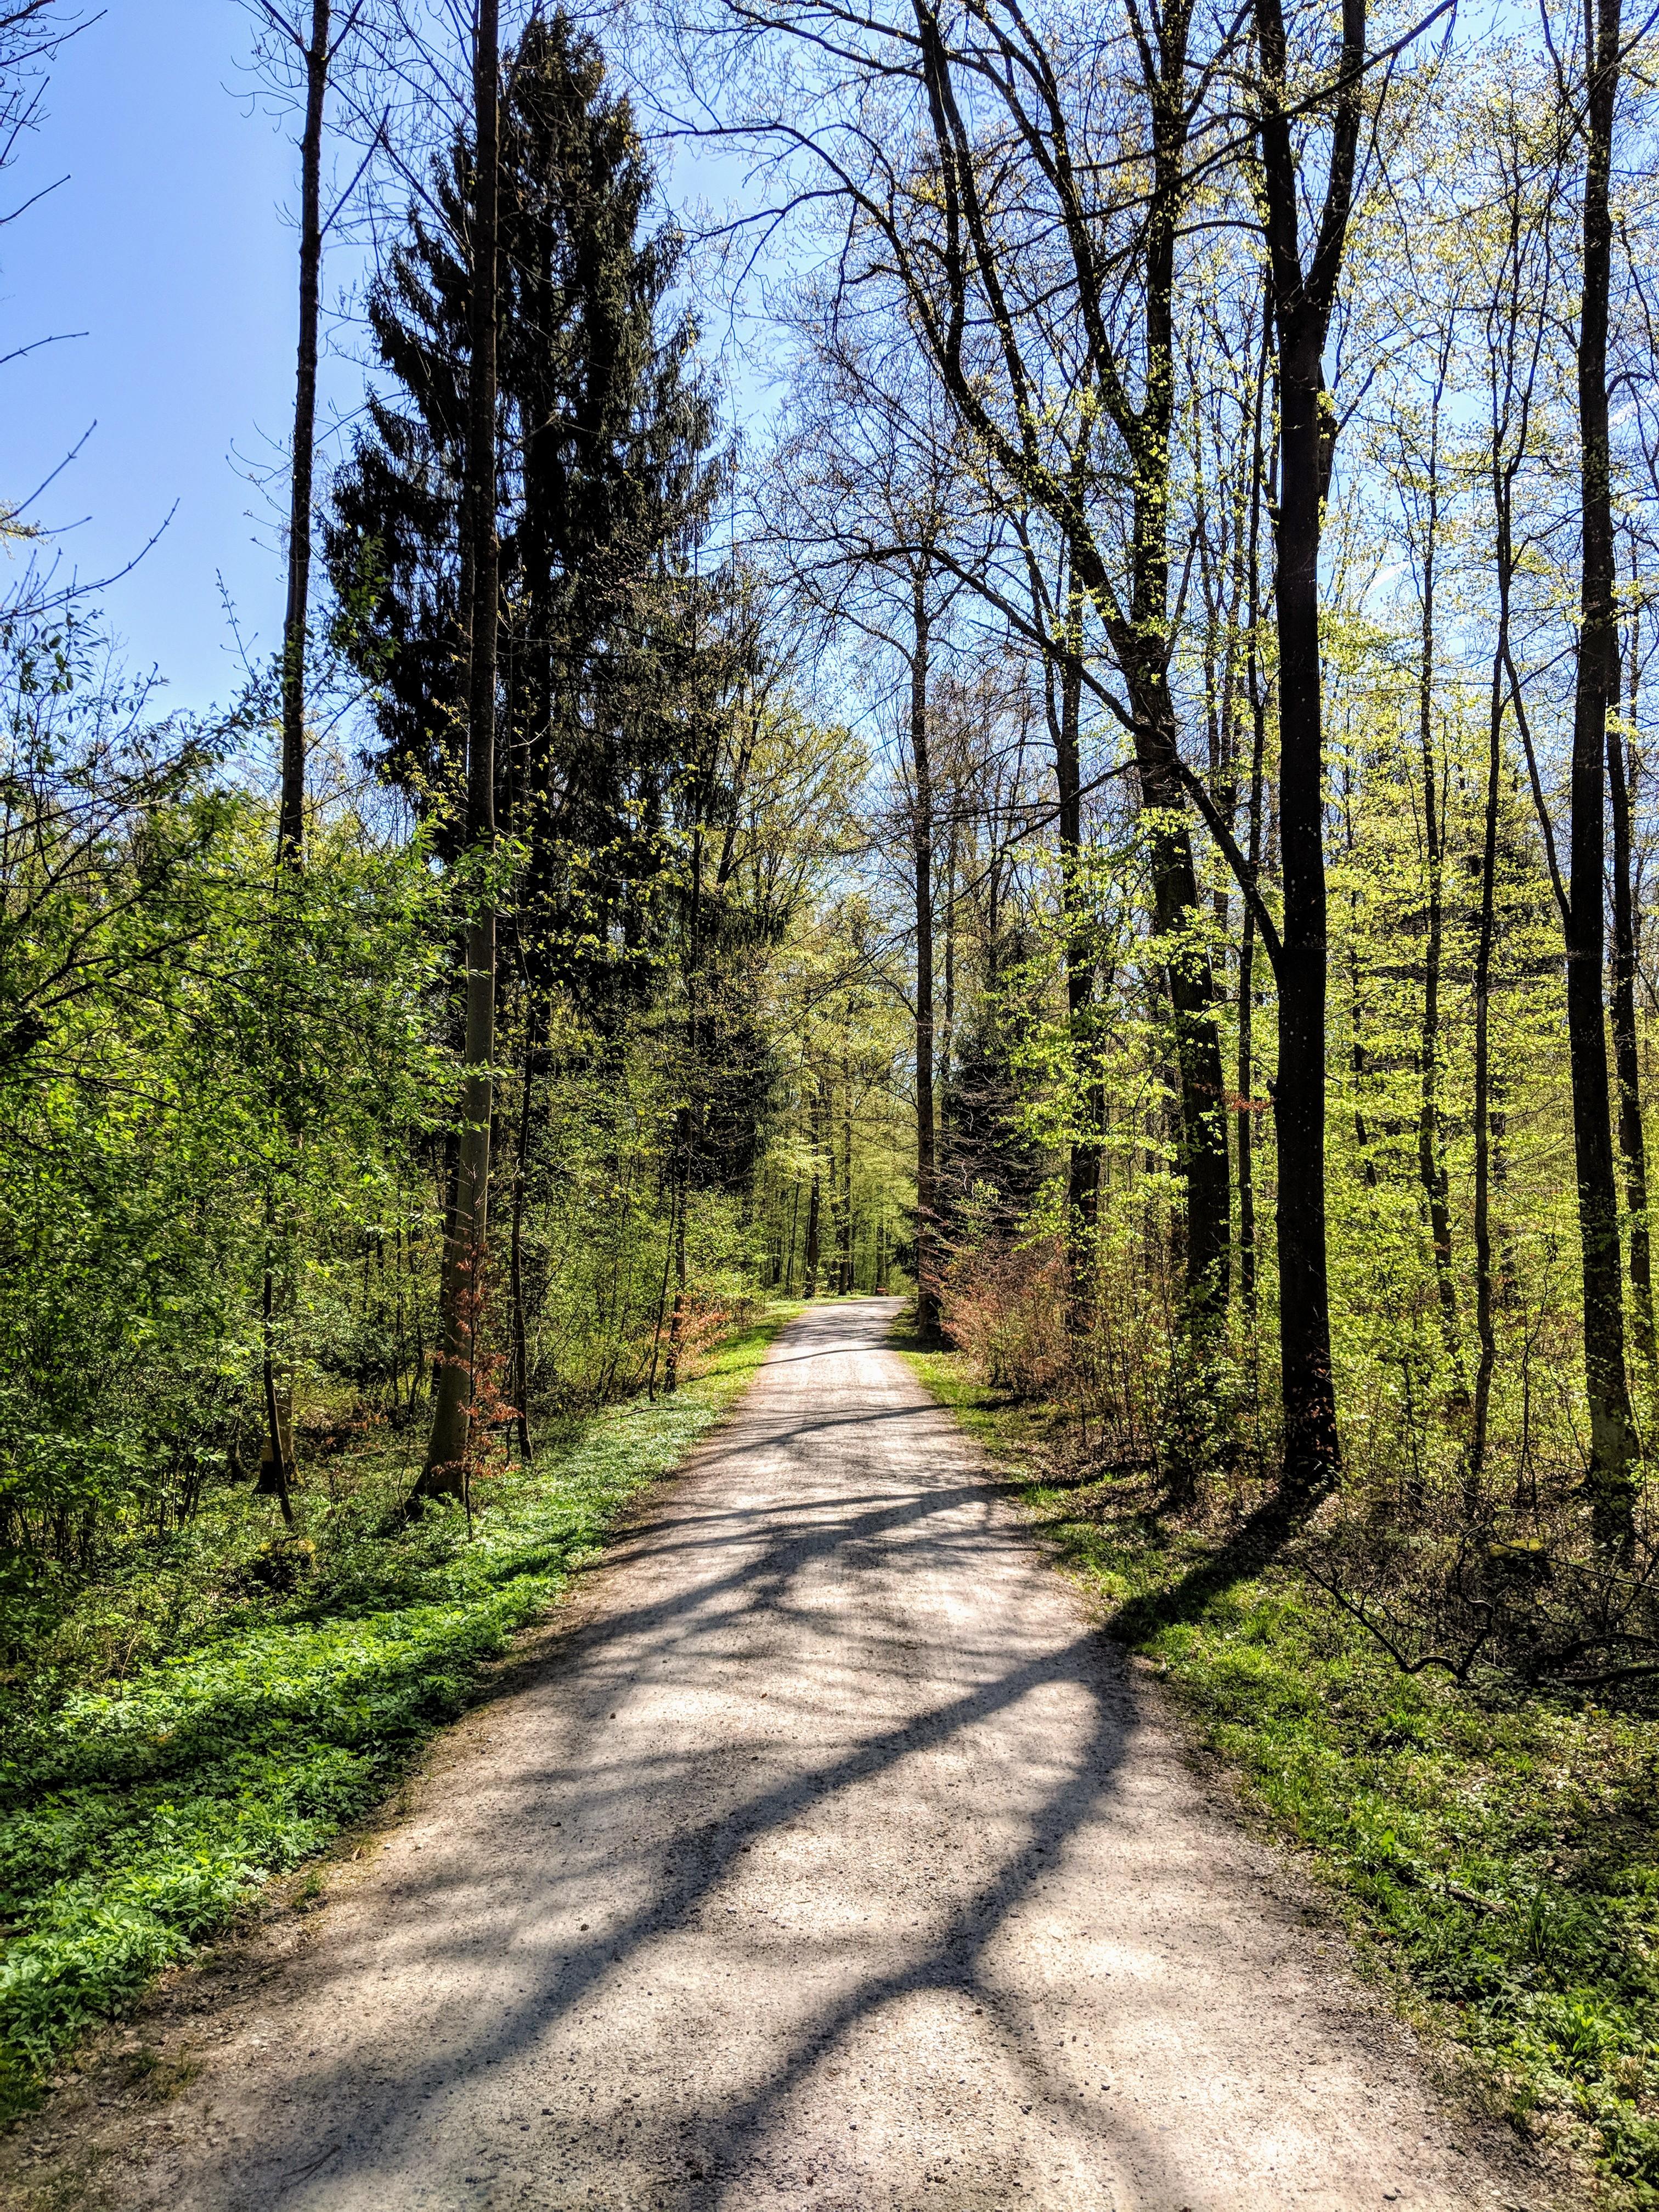 Running route in Zurich - In The Forrest